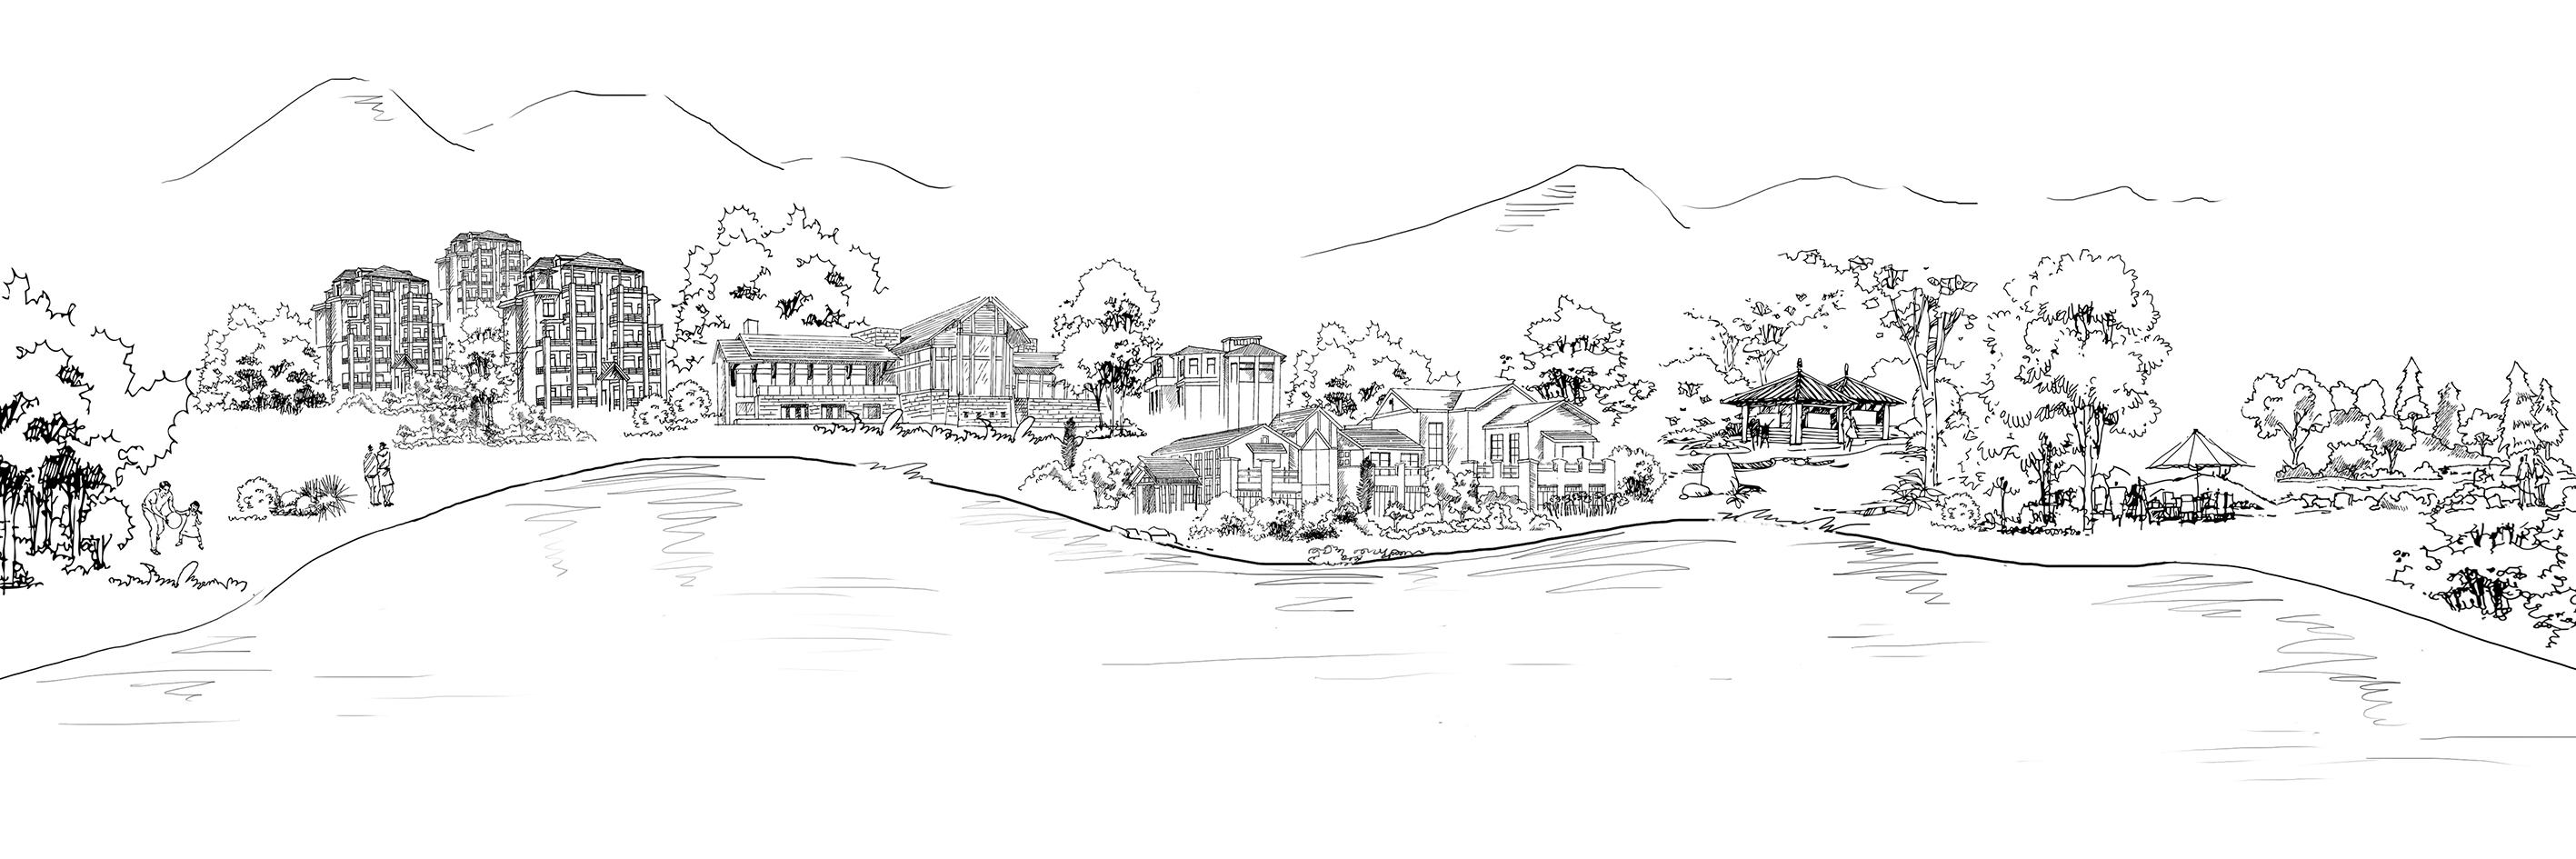 儿童  线描 创意 风景,图片尺寸:700×1440,来自网页:http://www.图片